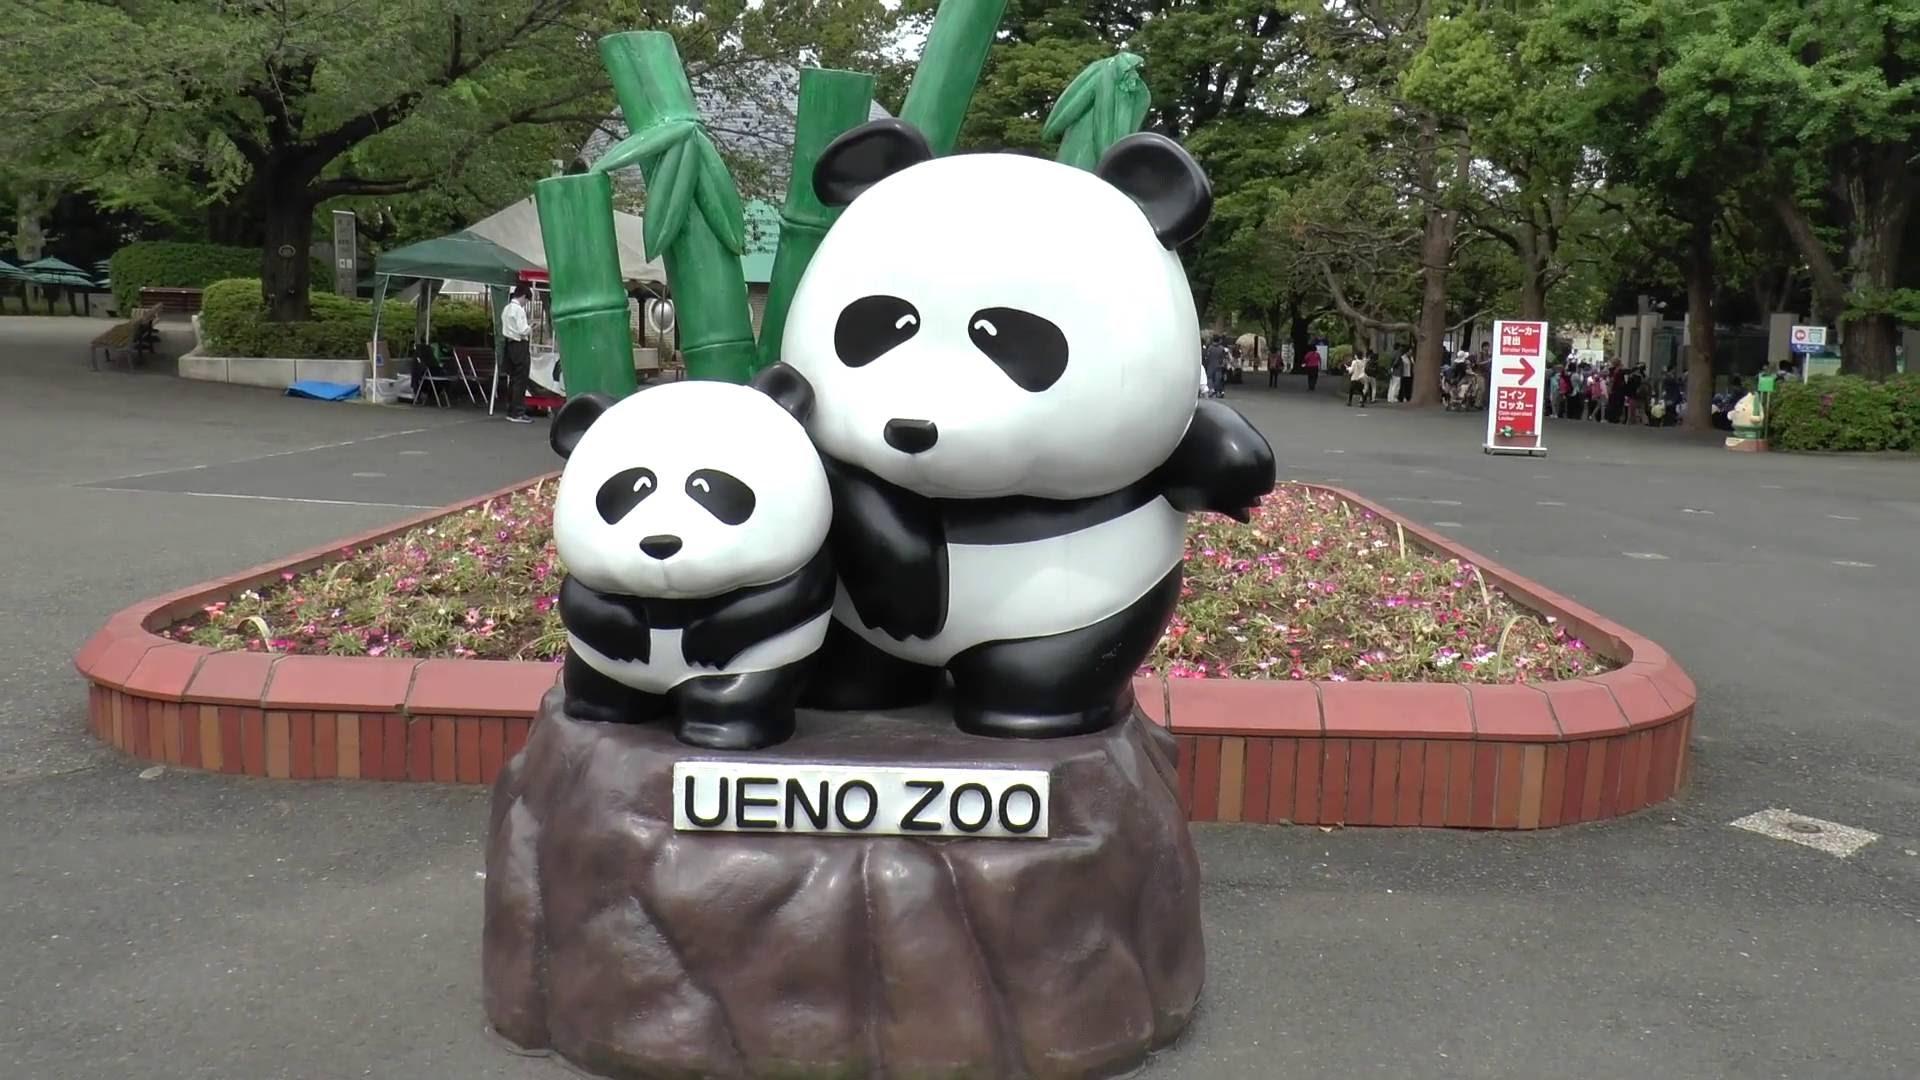 UNEO Zoo in Tokyo